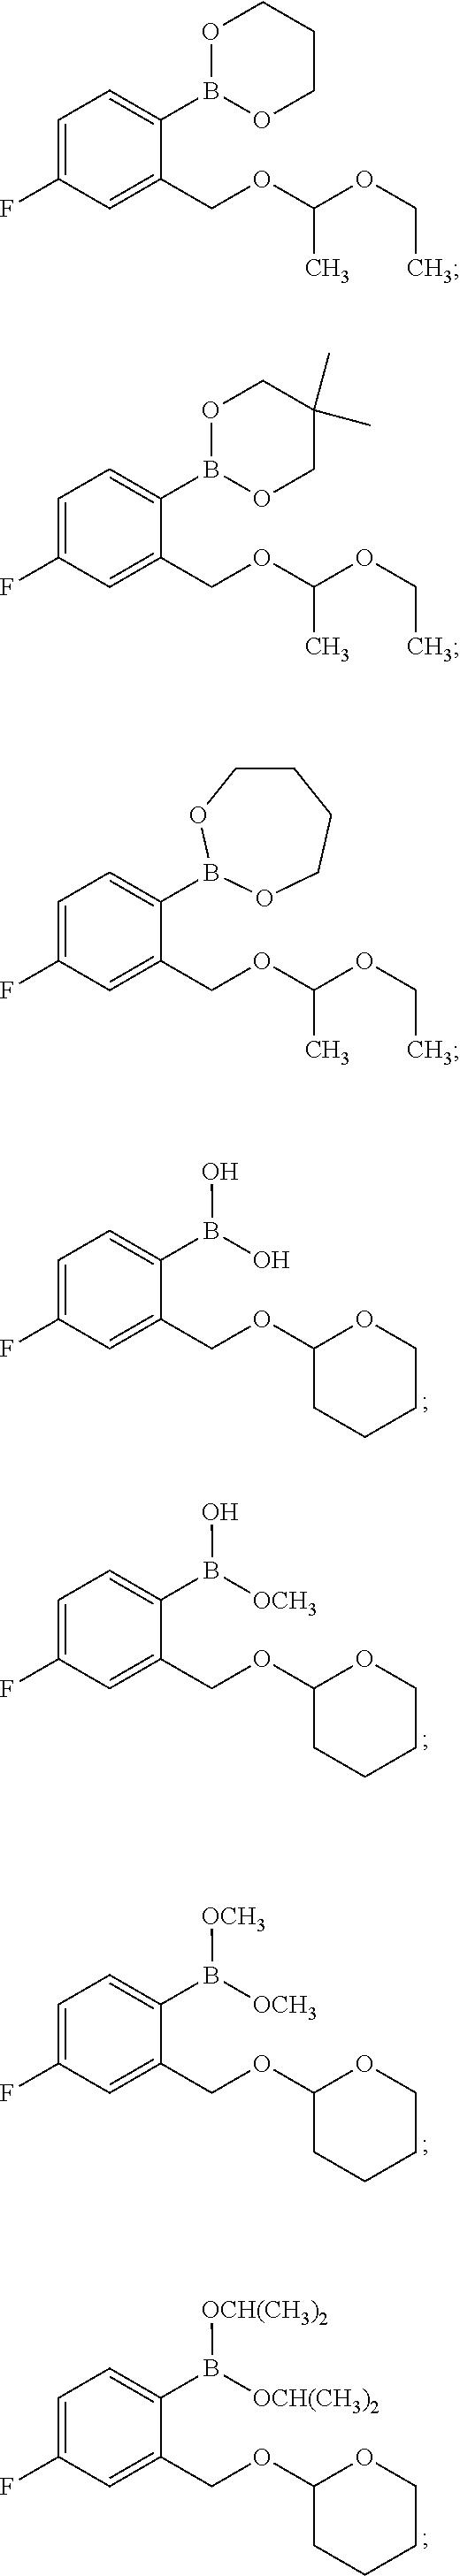 Figure US09566289-20170214-C00092